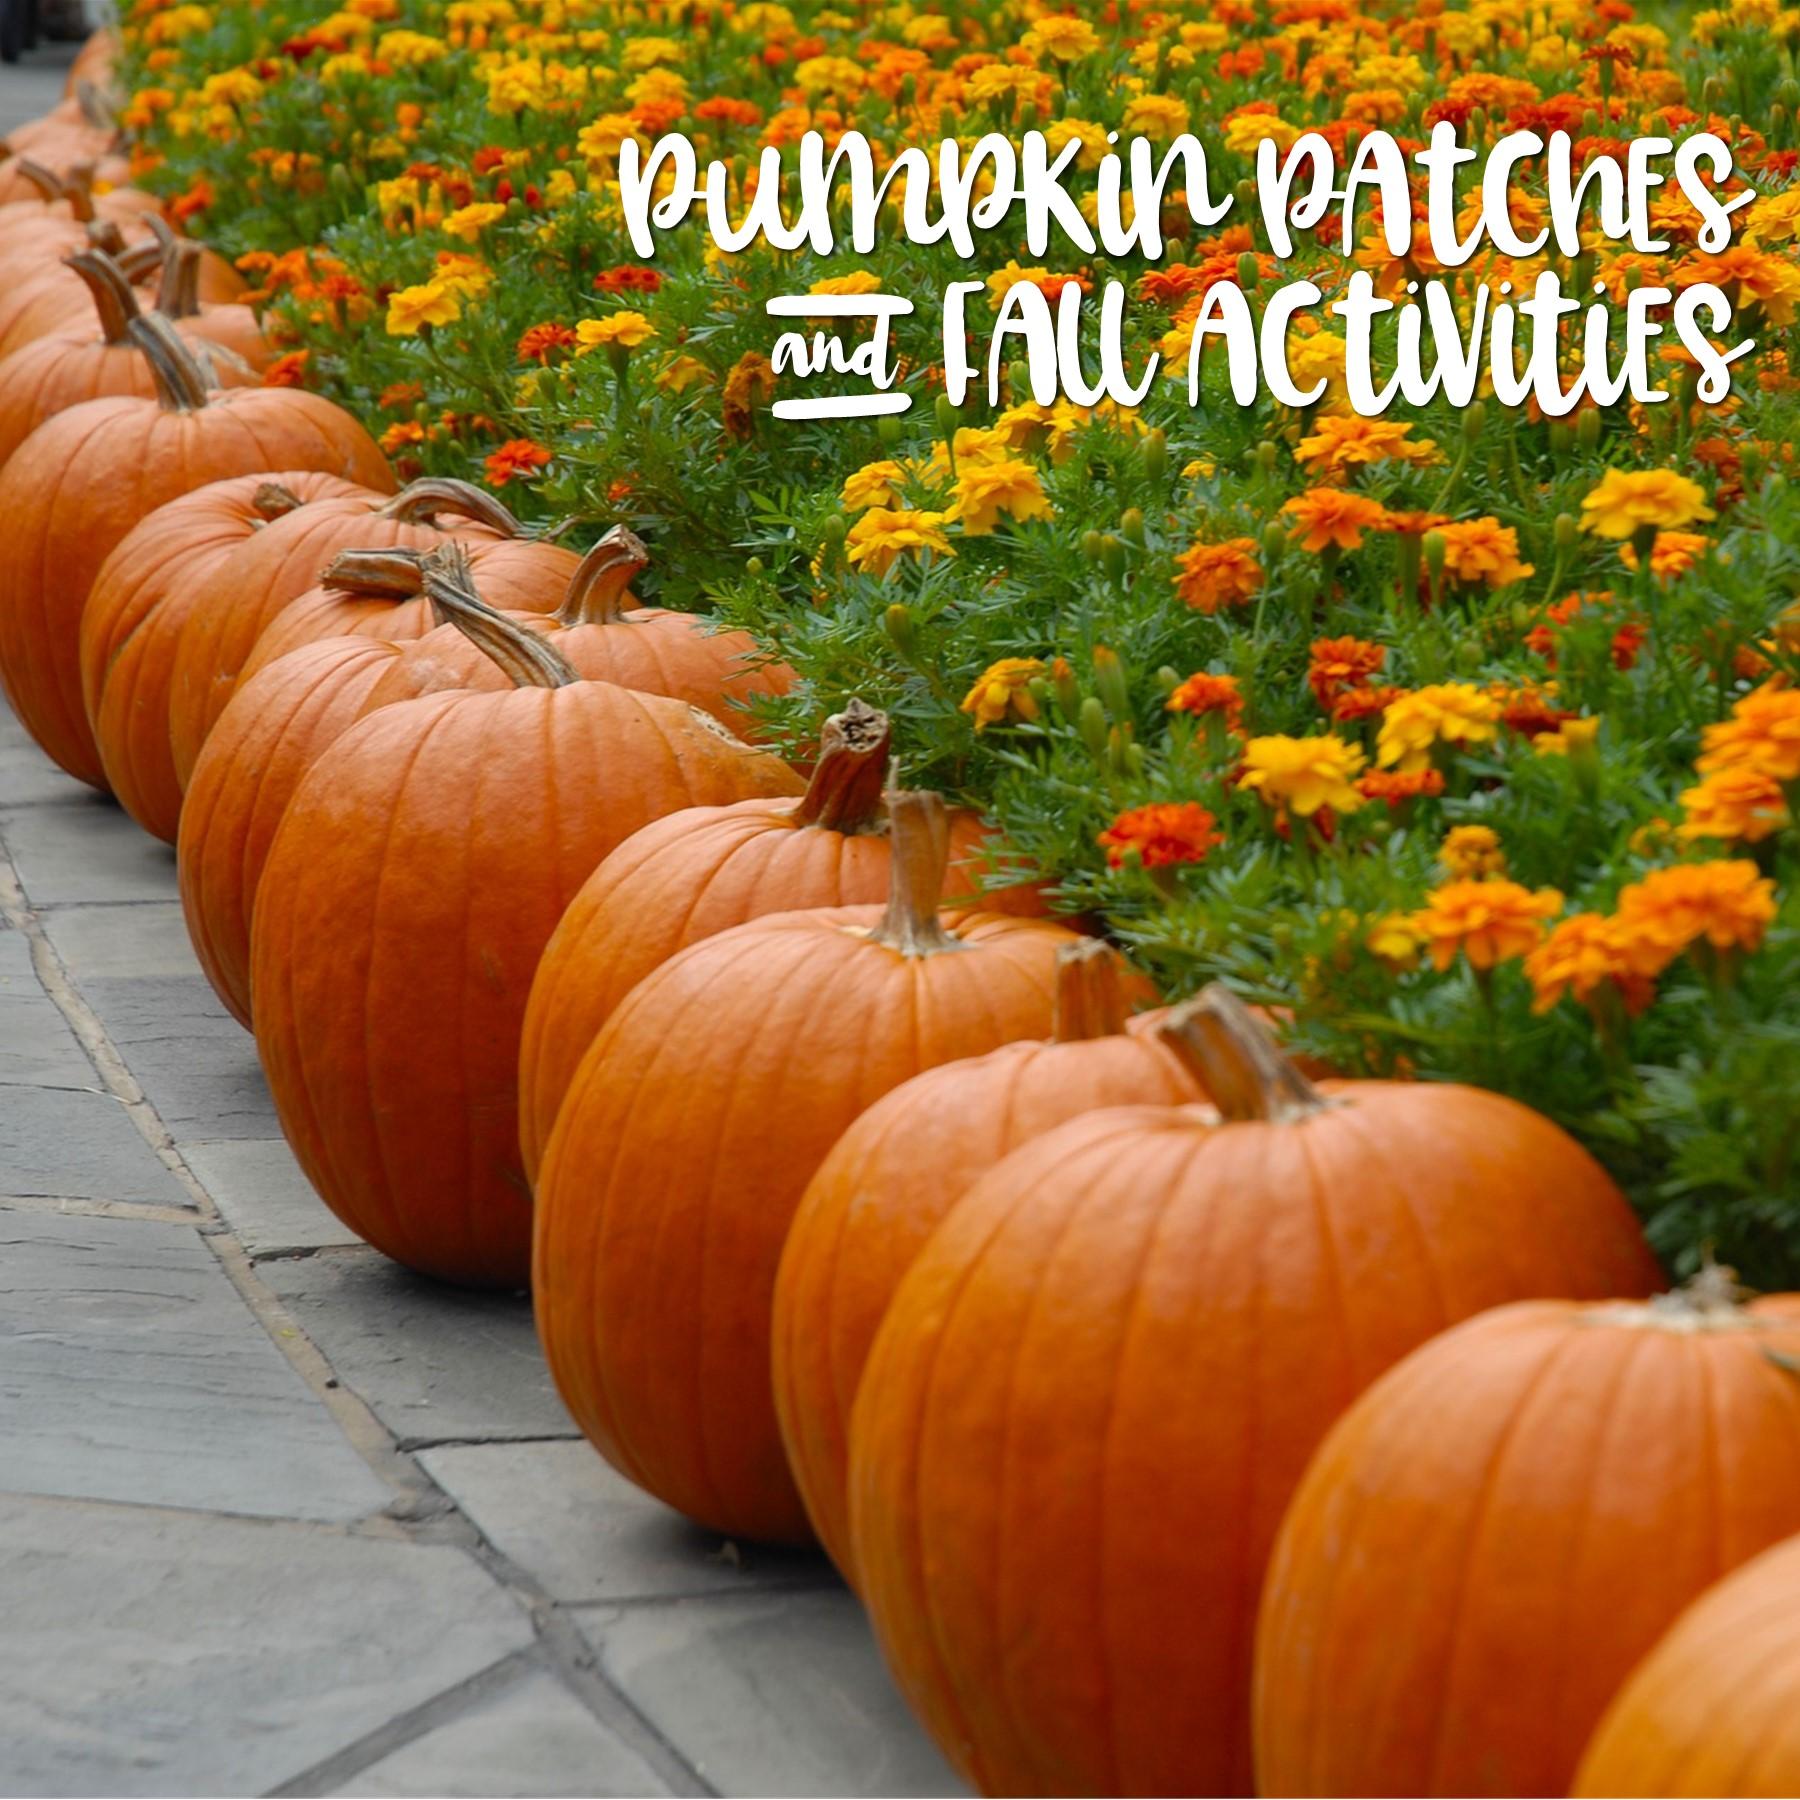 Pumpkin Patches.jpg